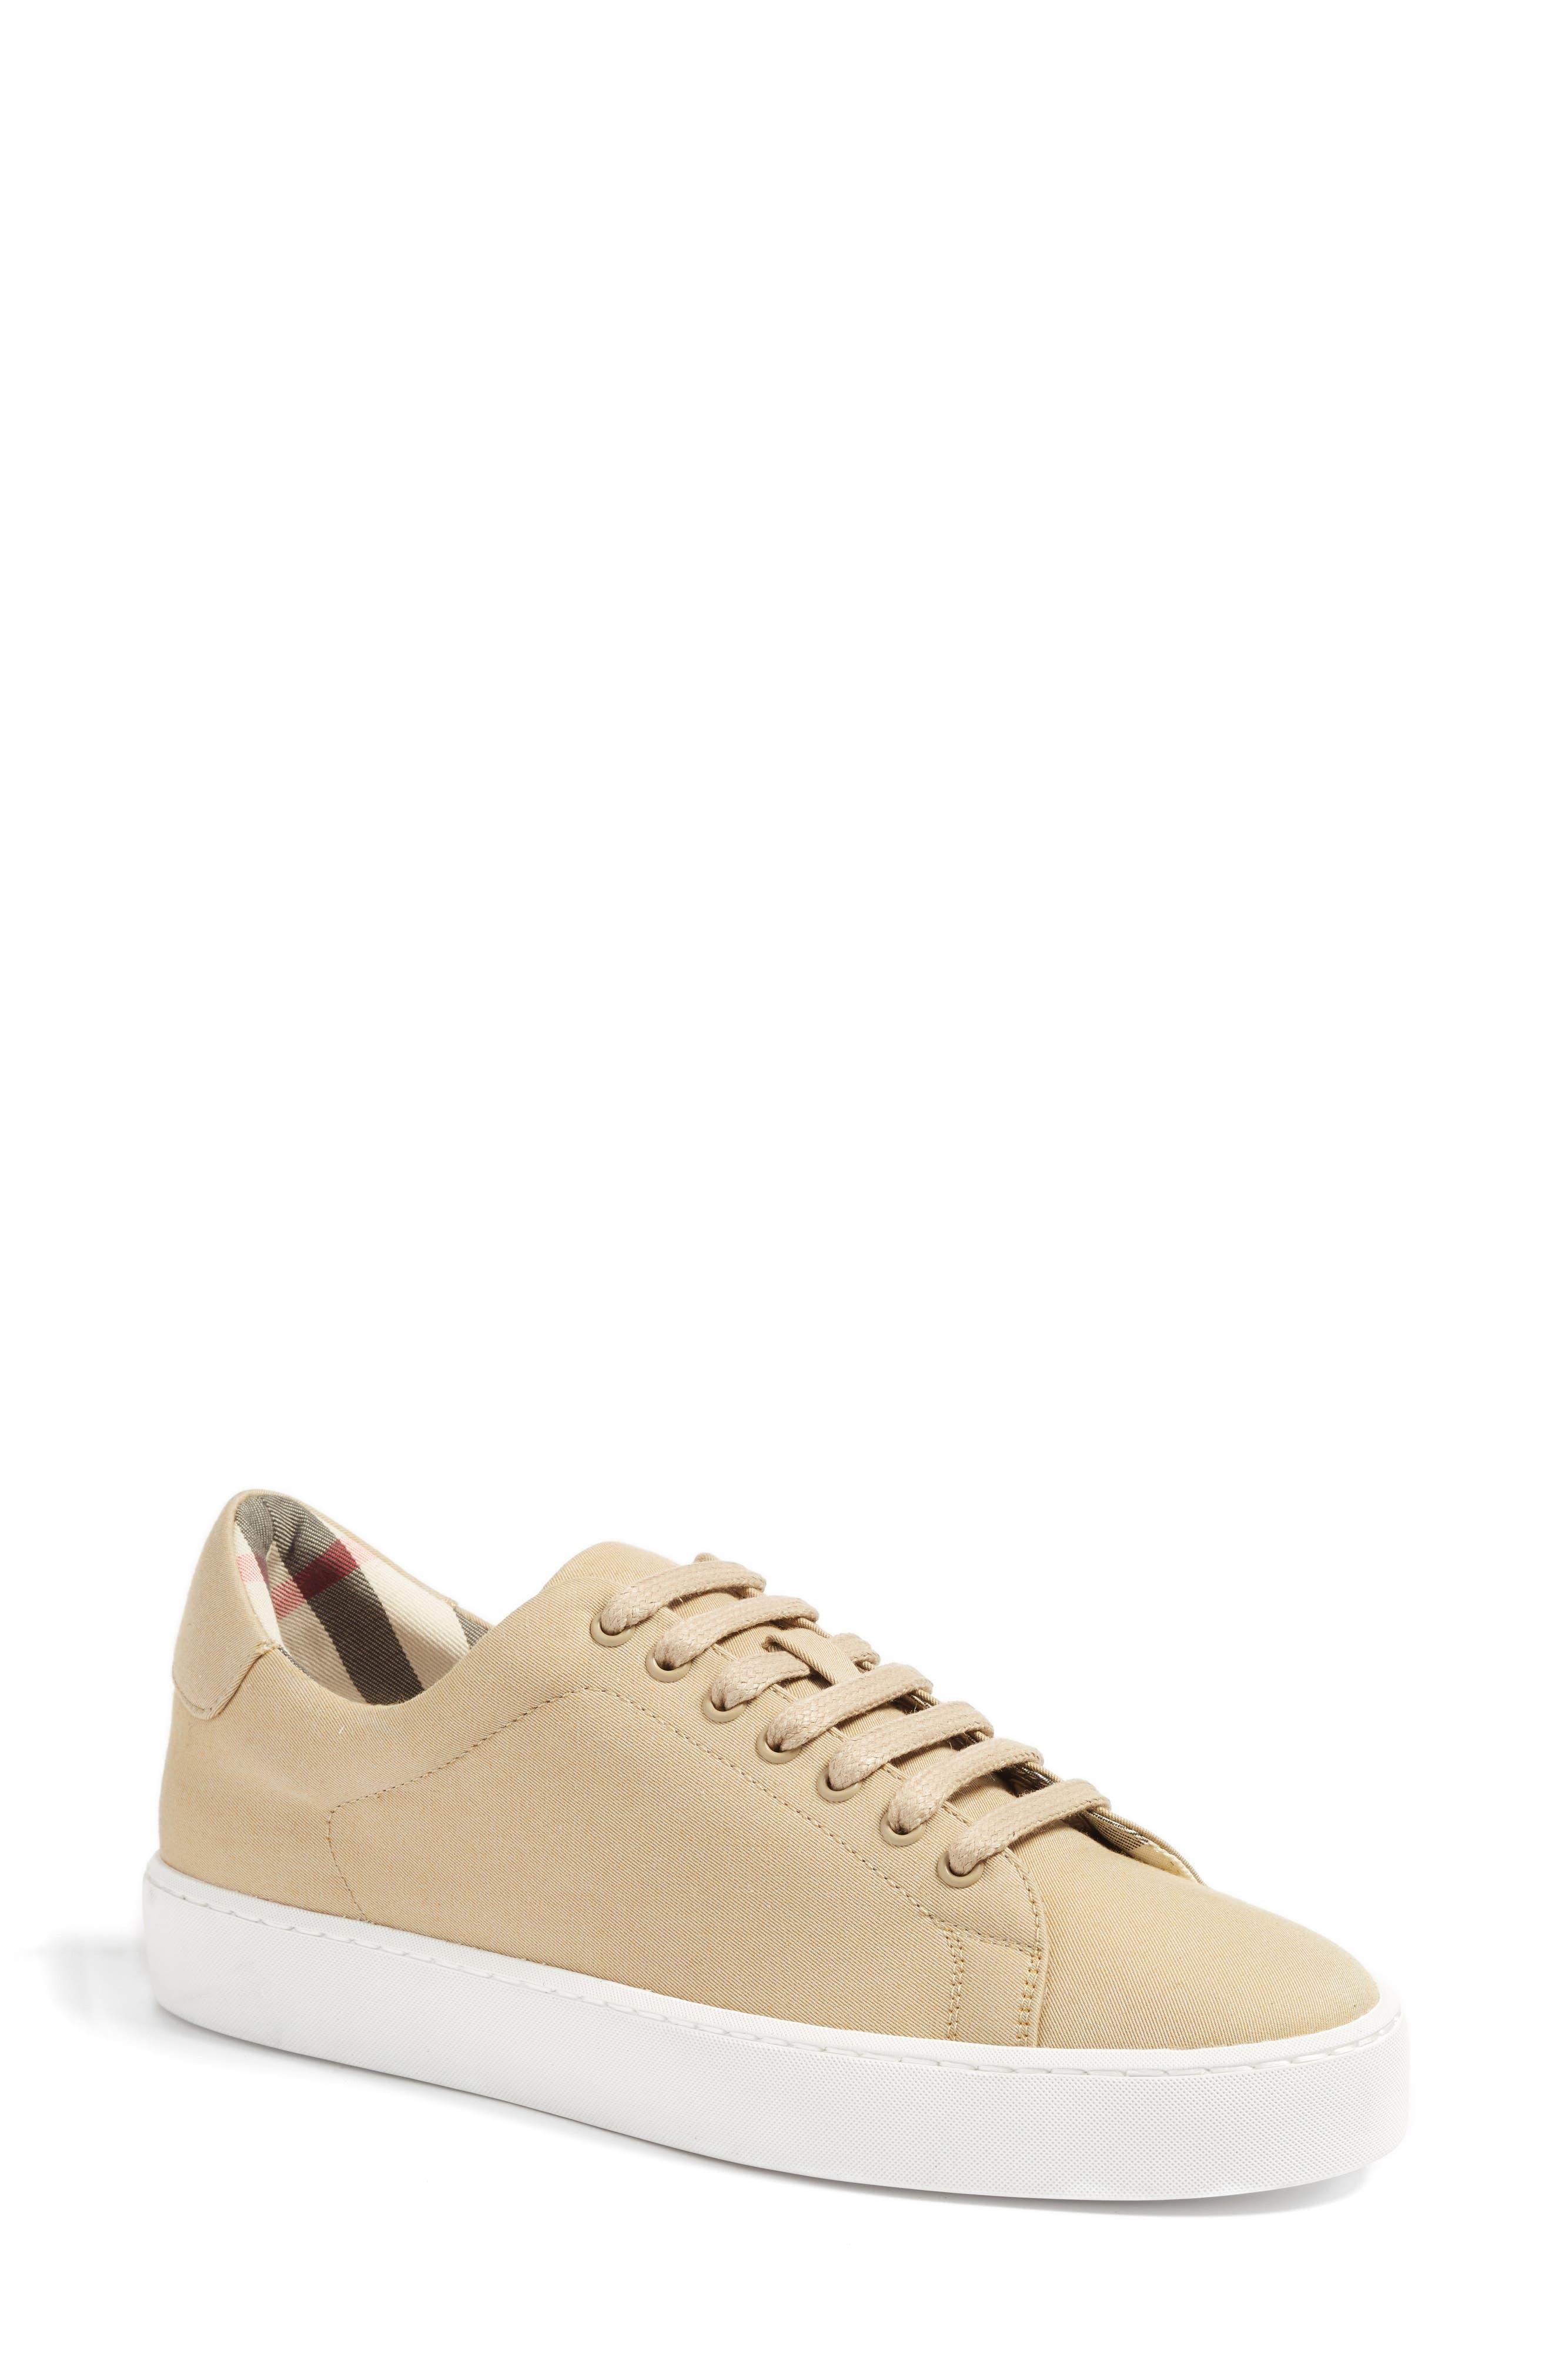 Westford Sneaker,                         Main,                         color, 200